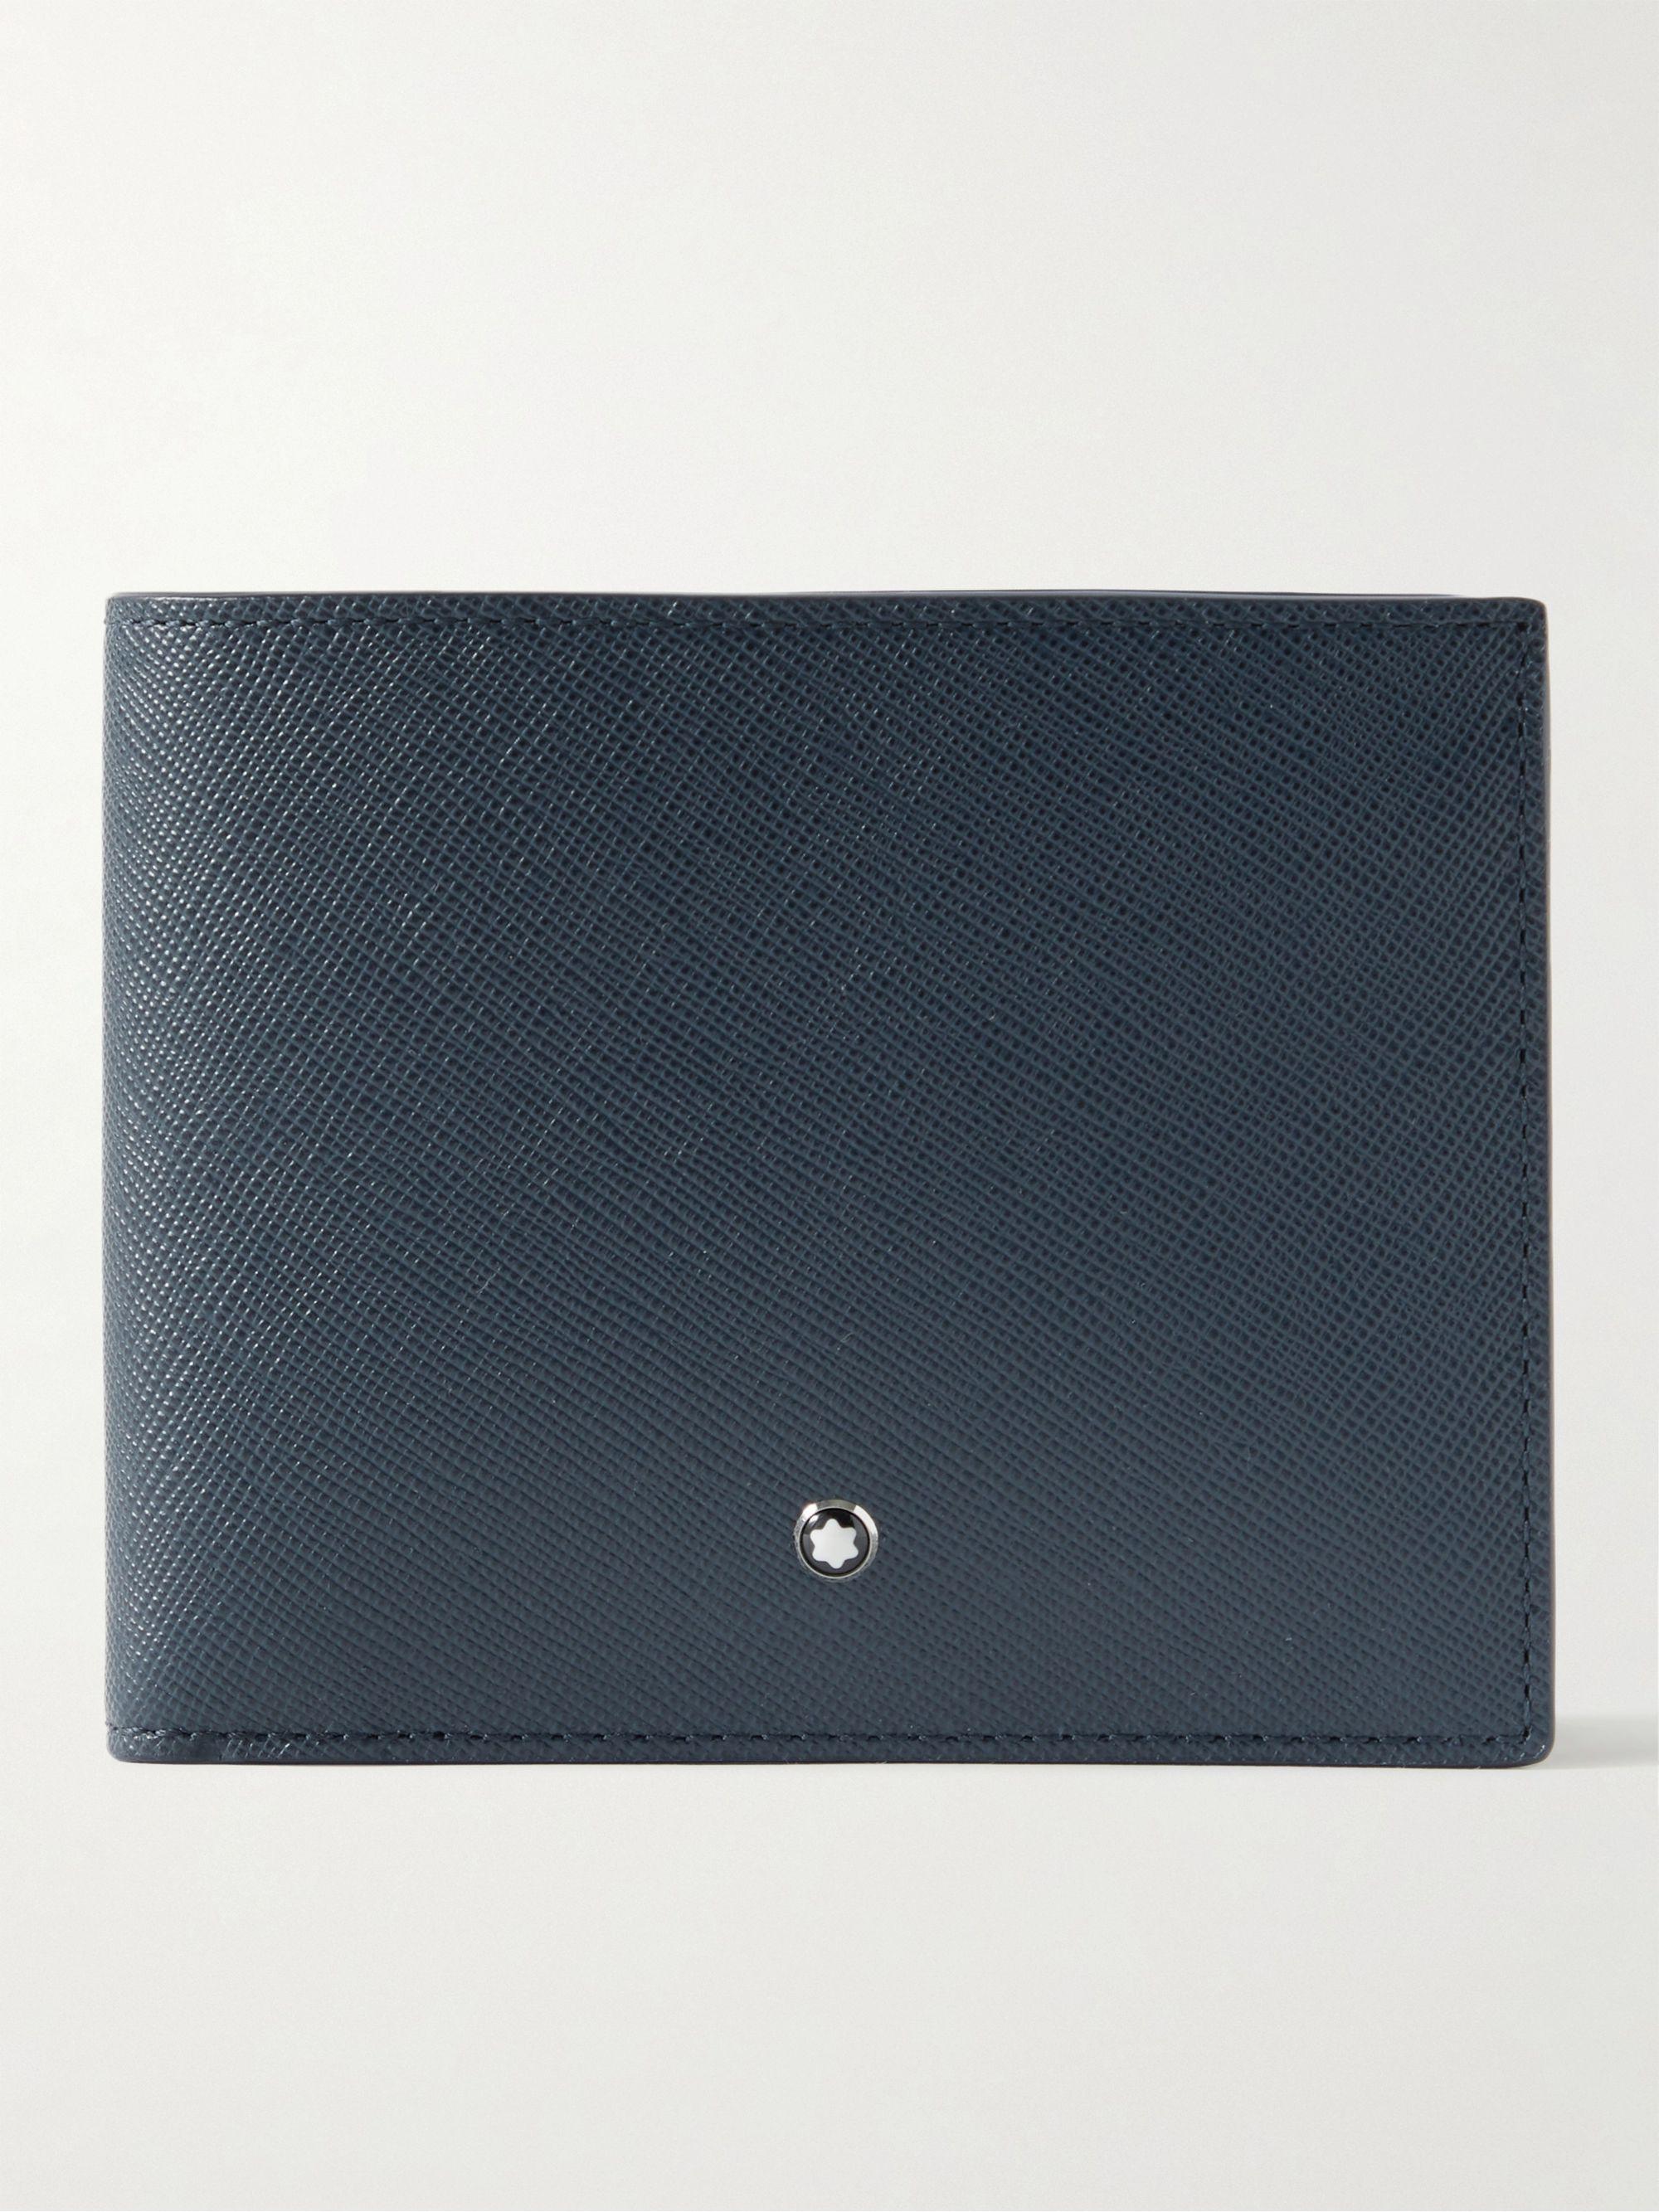 몽블랑 반지갑 Montblanc Sartorial Cross-Grain Leather Billfold Wallet,Navy